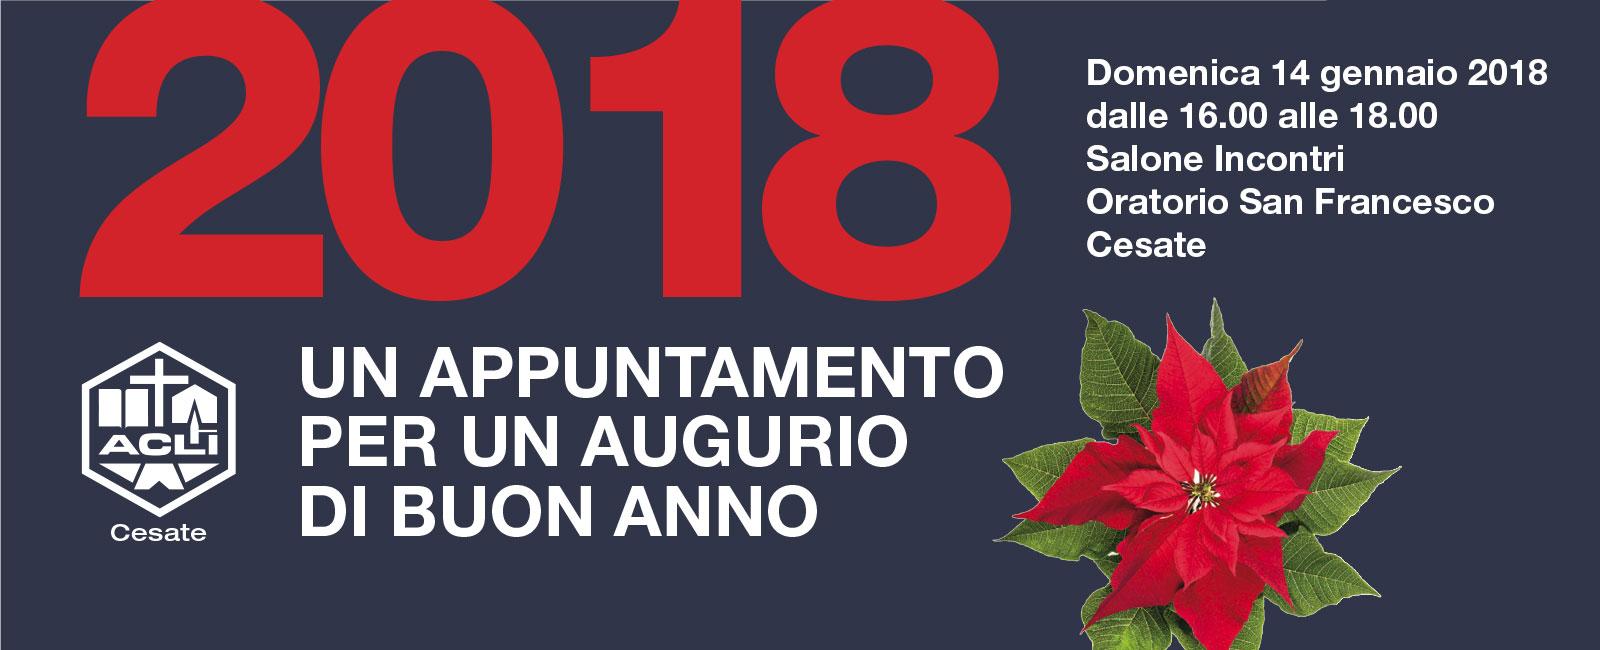 2018 UN APPUNTAMENTO PER UN AUGURIO DI BUON ANNO